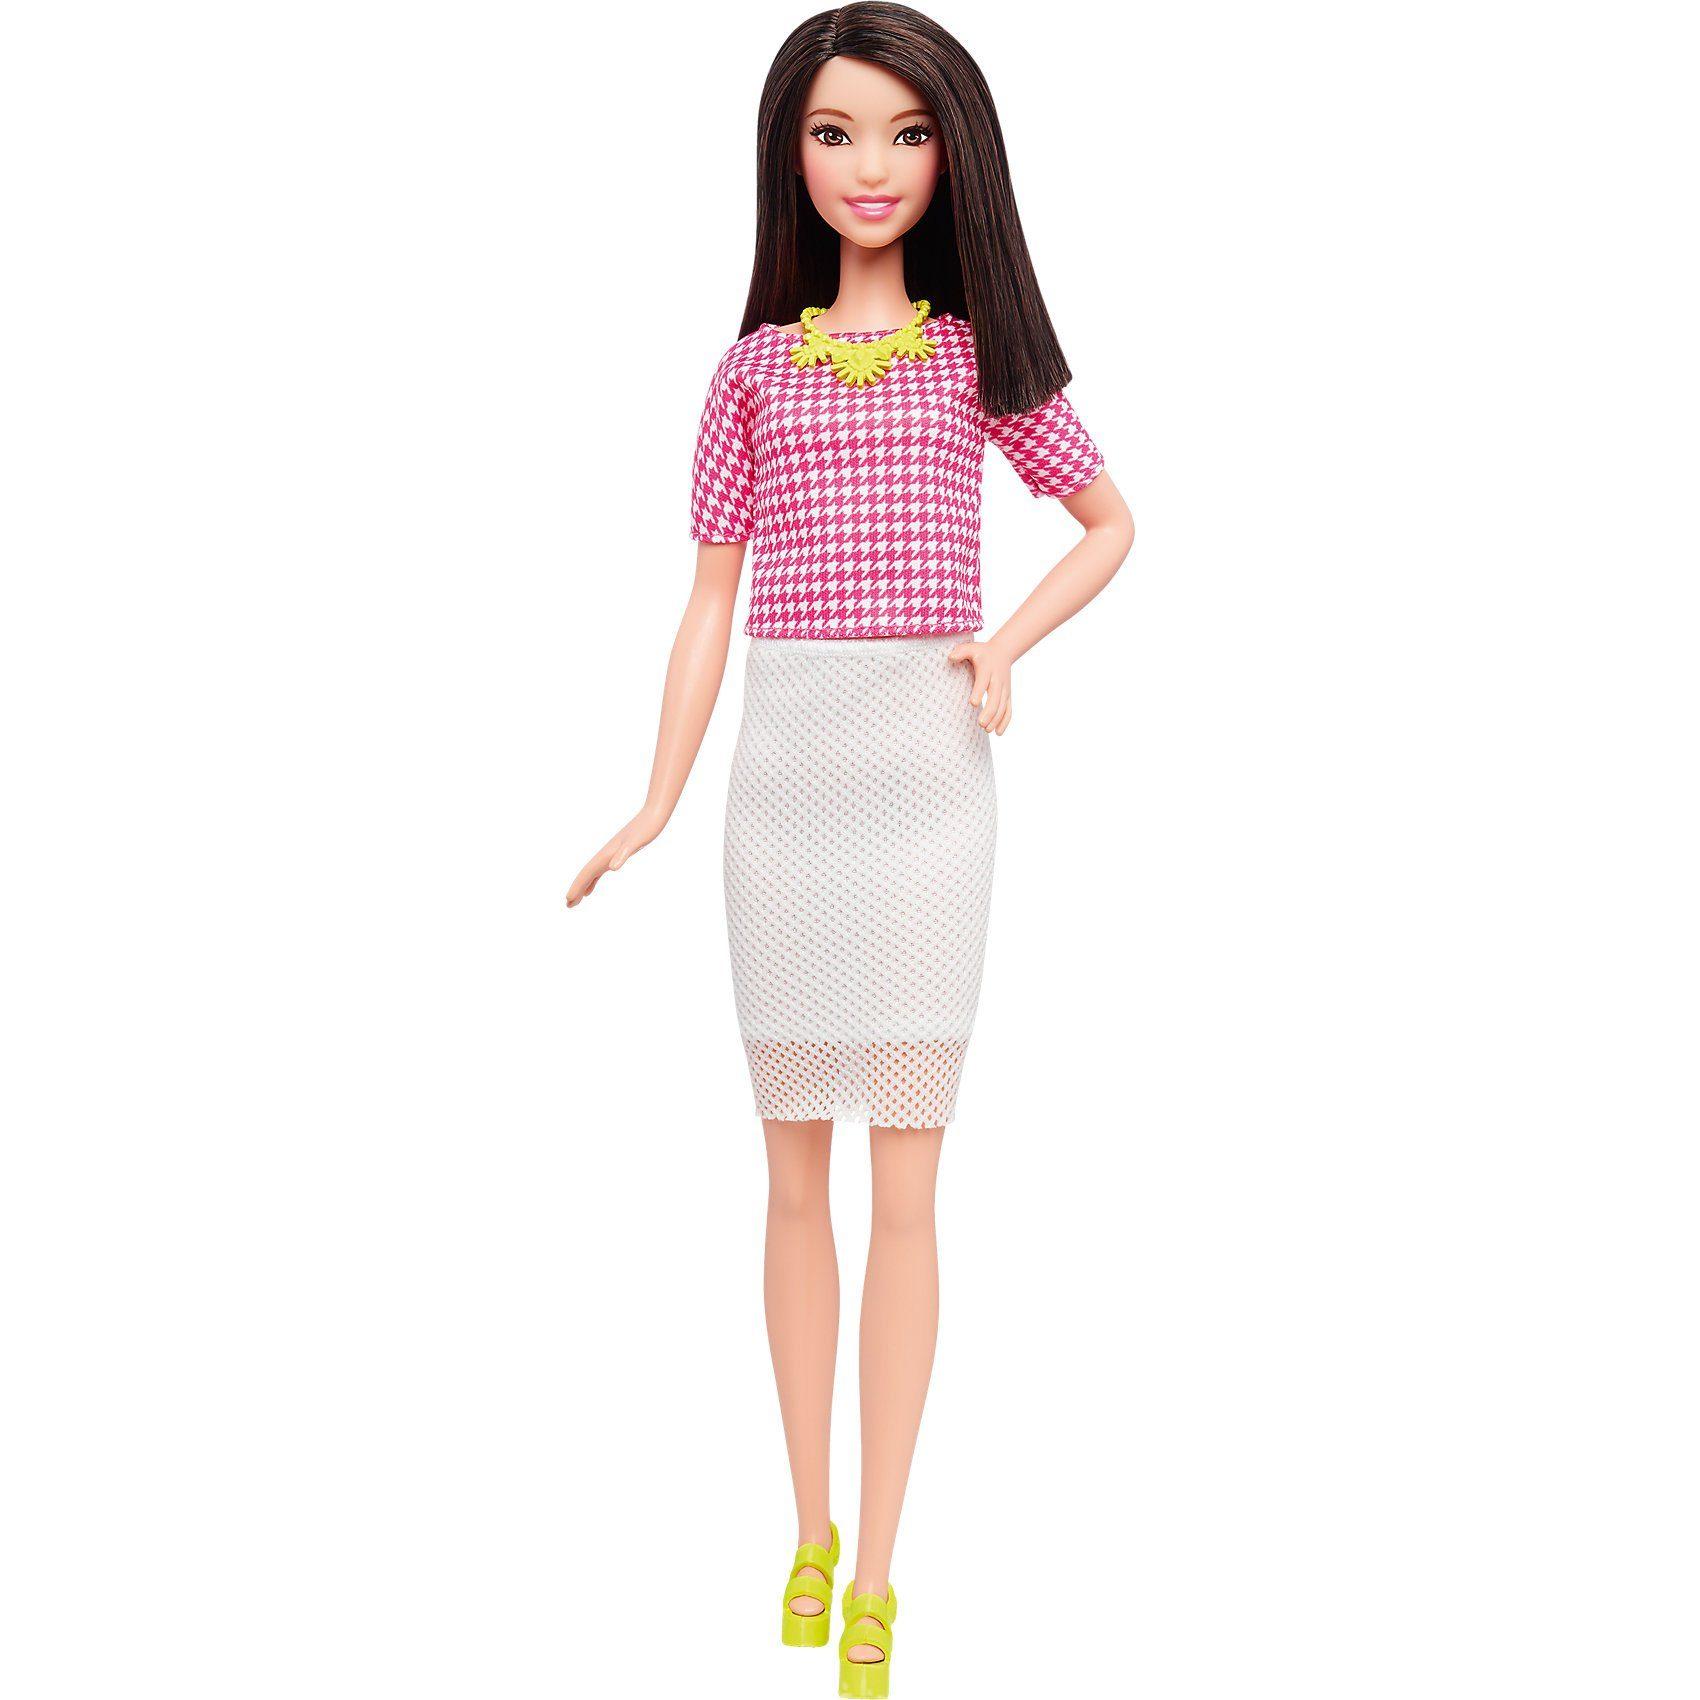 Mattel® Fashionista mit weißem weitmaschigem Rock